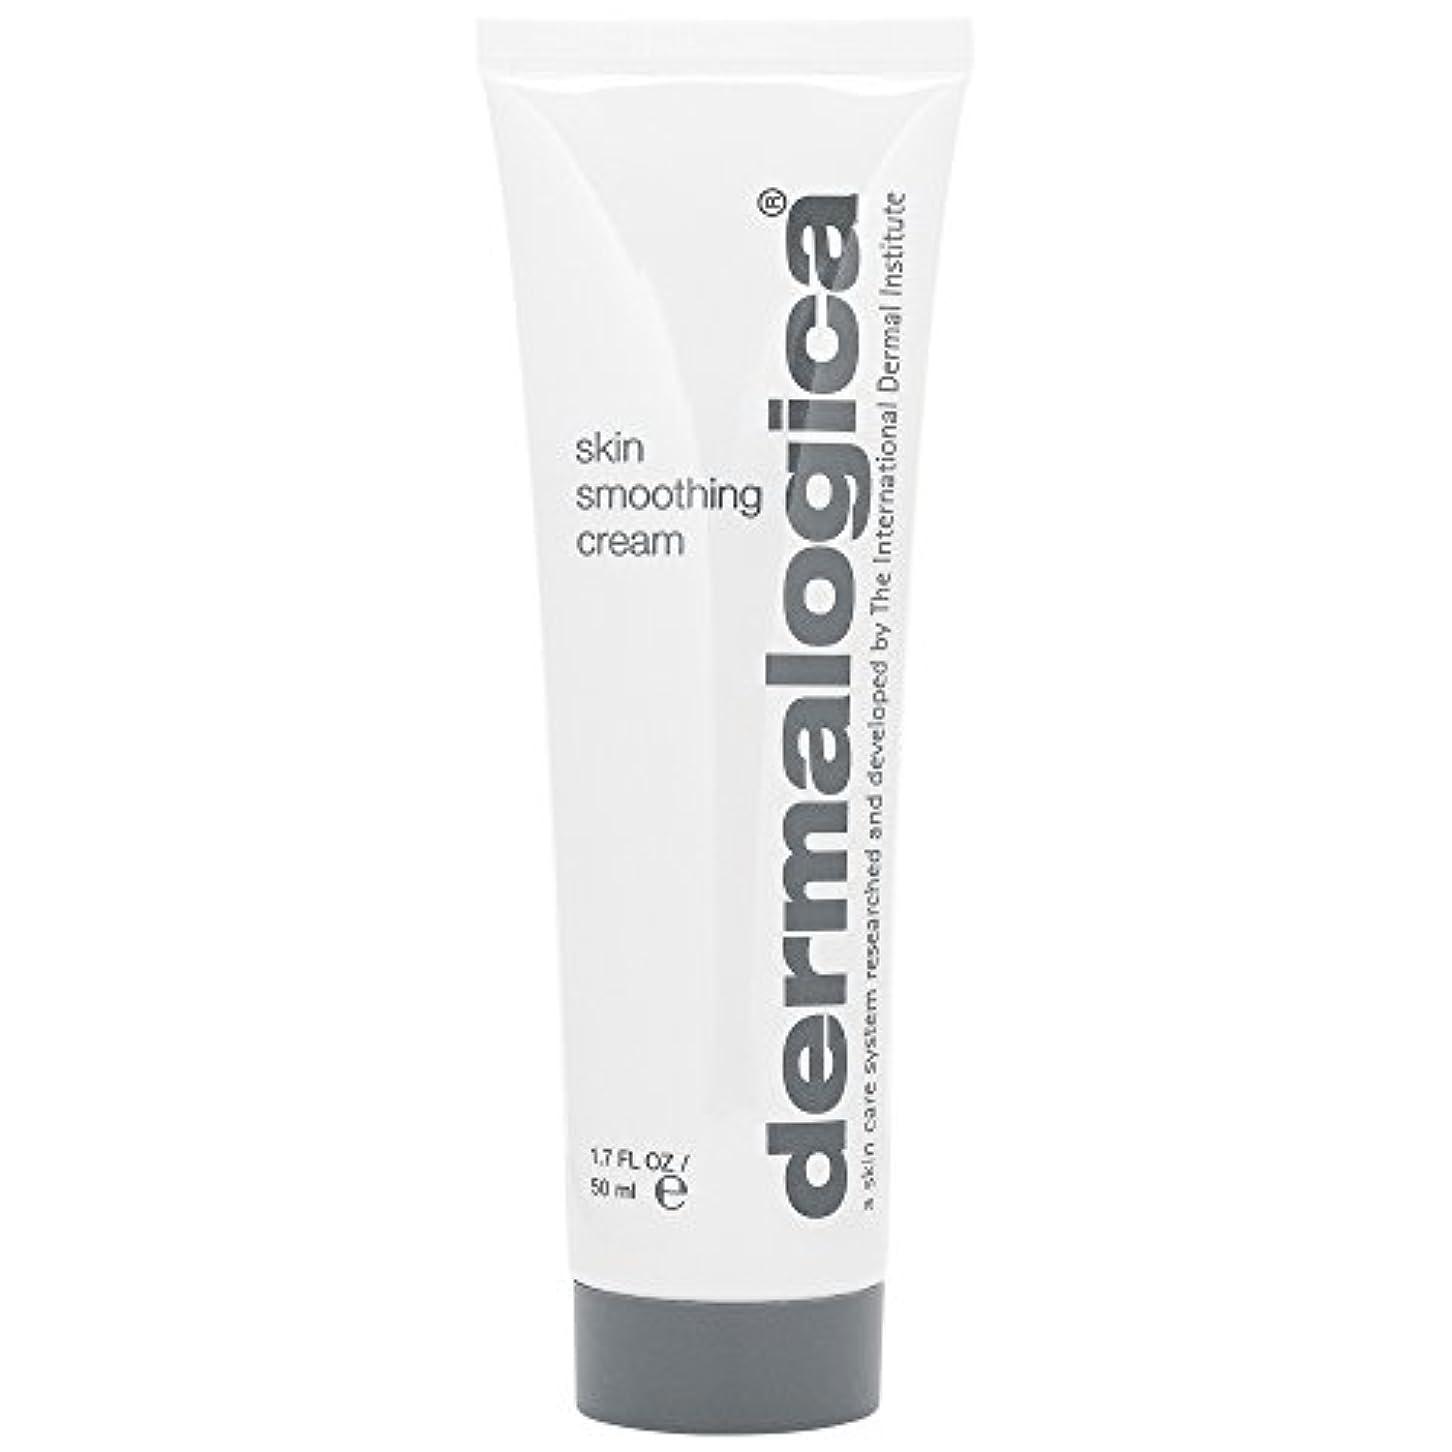 けがをするモンゴメリールールダーマロジカスキンスムージングクリーム50ミリリットル (Dermalogica) - Dermalogica Skin Smoothing Cream 50ml [並行輸入品]